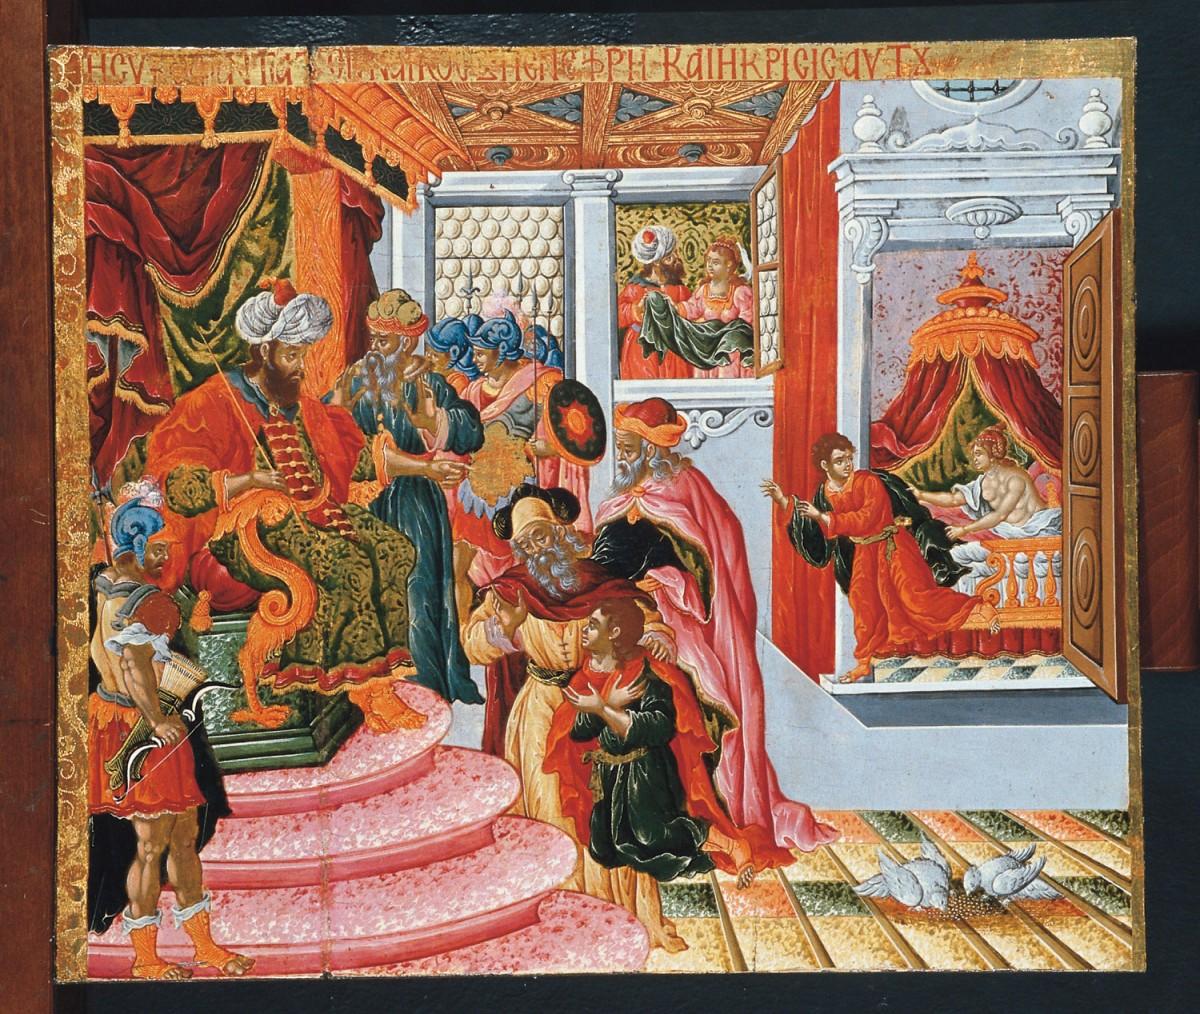 Εικ. 18. Πίνακας με την Κρίση του Πετεφρή, 1677-1682, του γνωστού ζωγράφου της κρητικής σχολής, Θεόδωρου Πουλάκη. Προέρχεται από ευρύτερο σύνολο (τέσσερις εκτίθενται στο Μουσείο) που παριστάνουν την ιστορία του Ιωσήφ από την Παλαιά Διαθήκη.